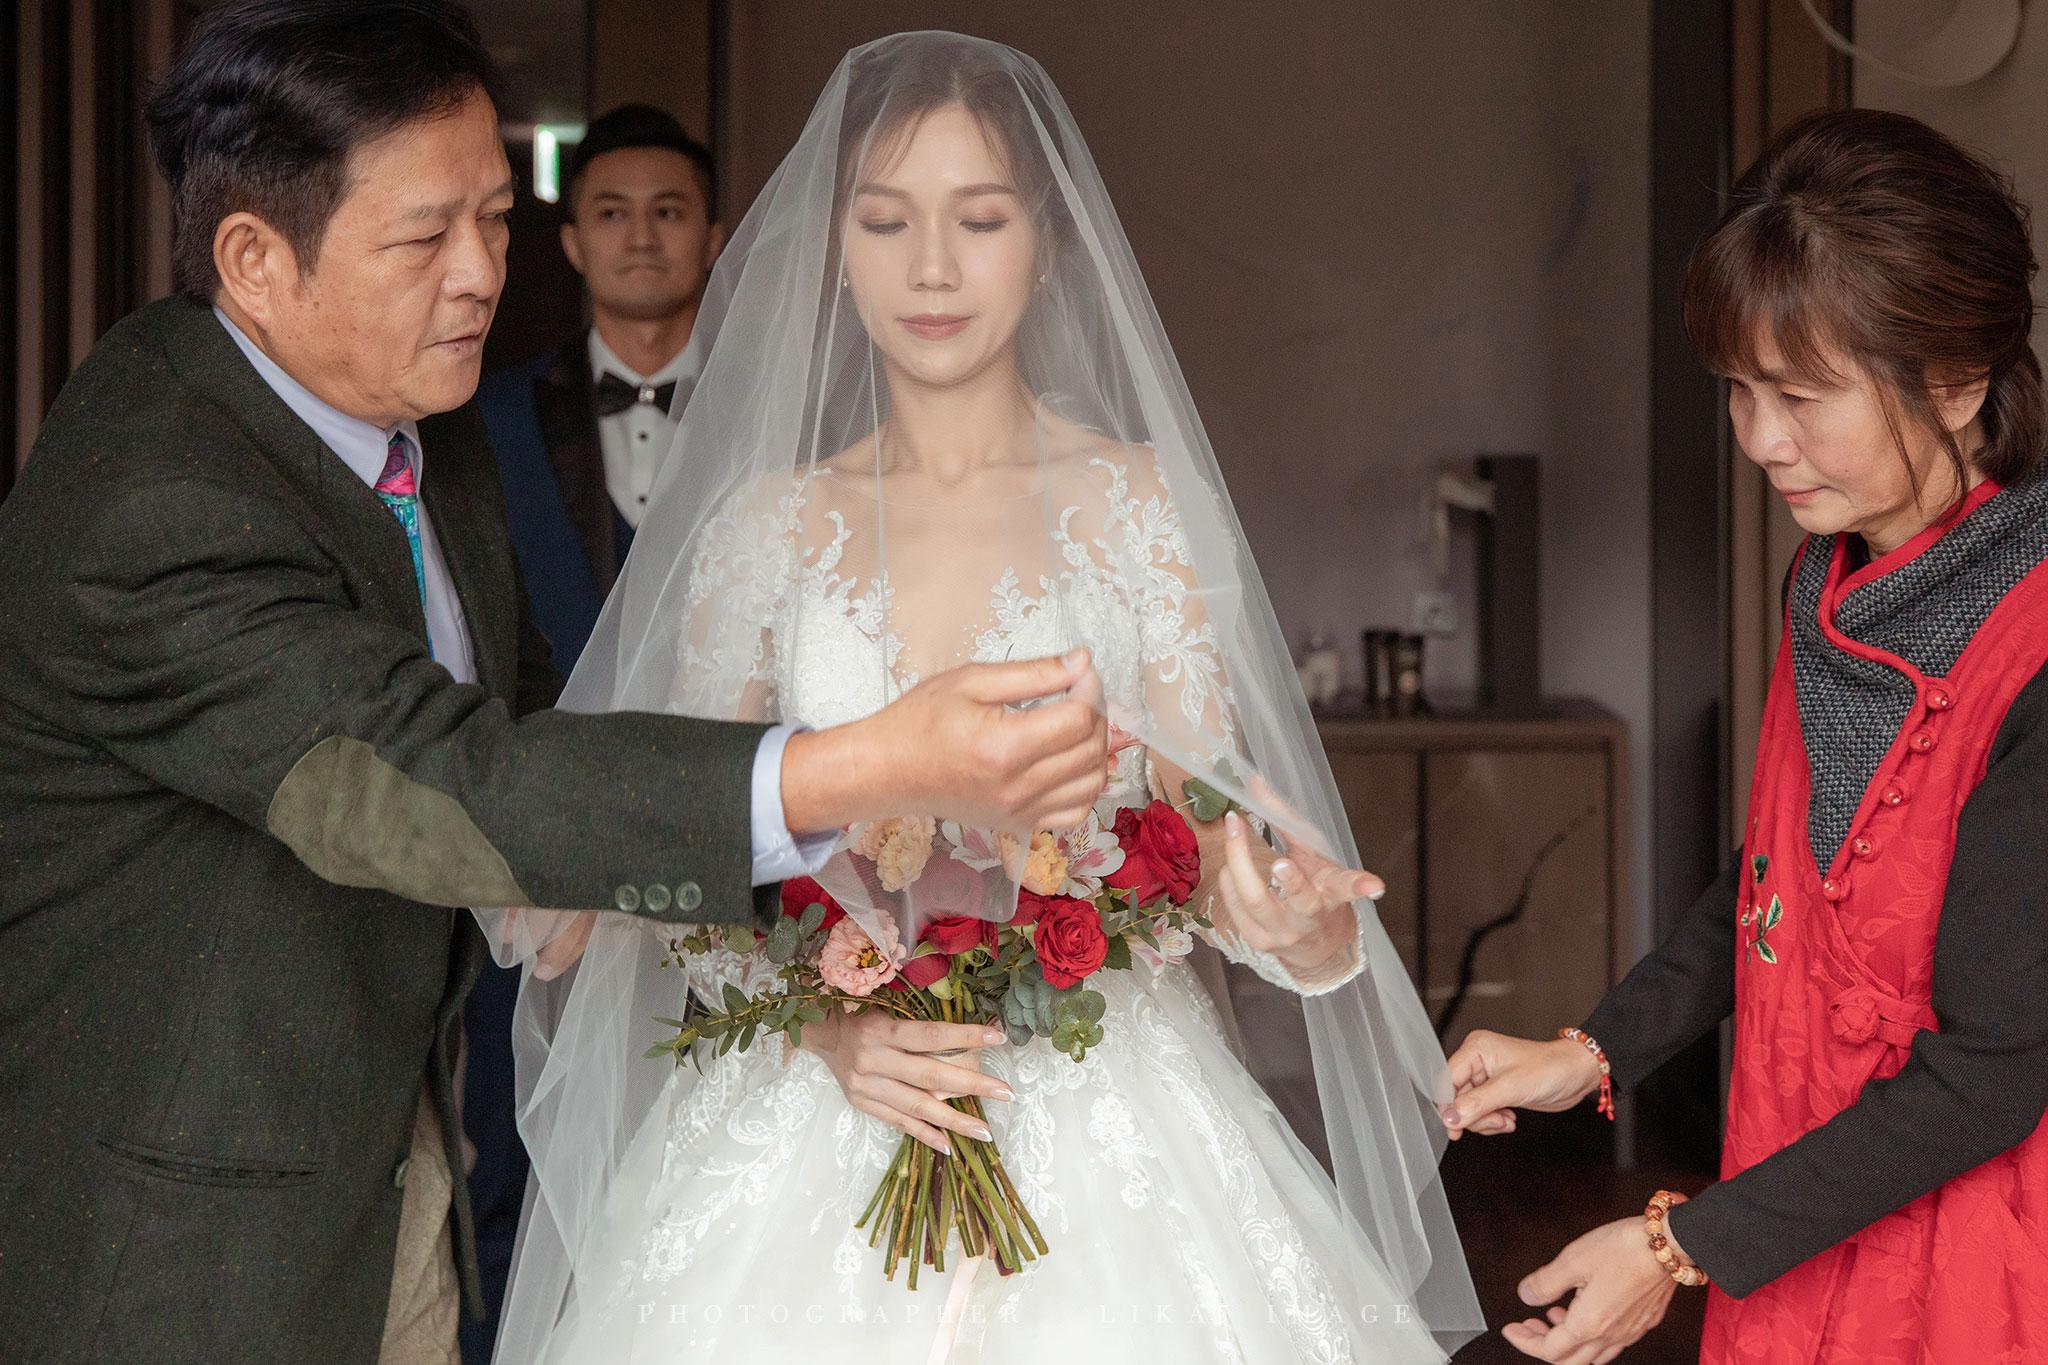 婚禮紀錄 - 鈺媜 & 少原 - 故宮晶華